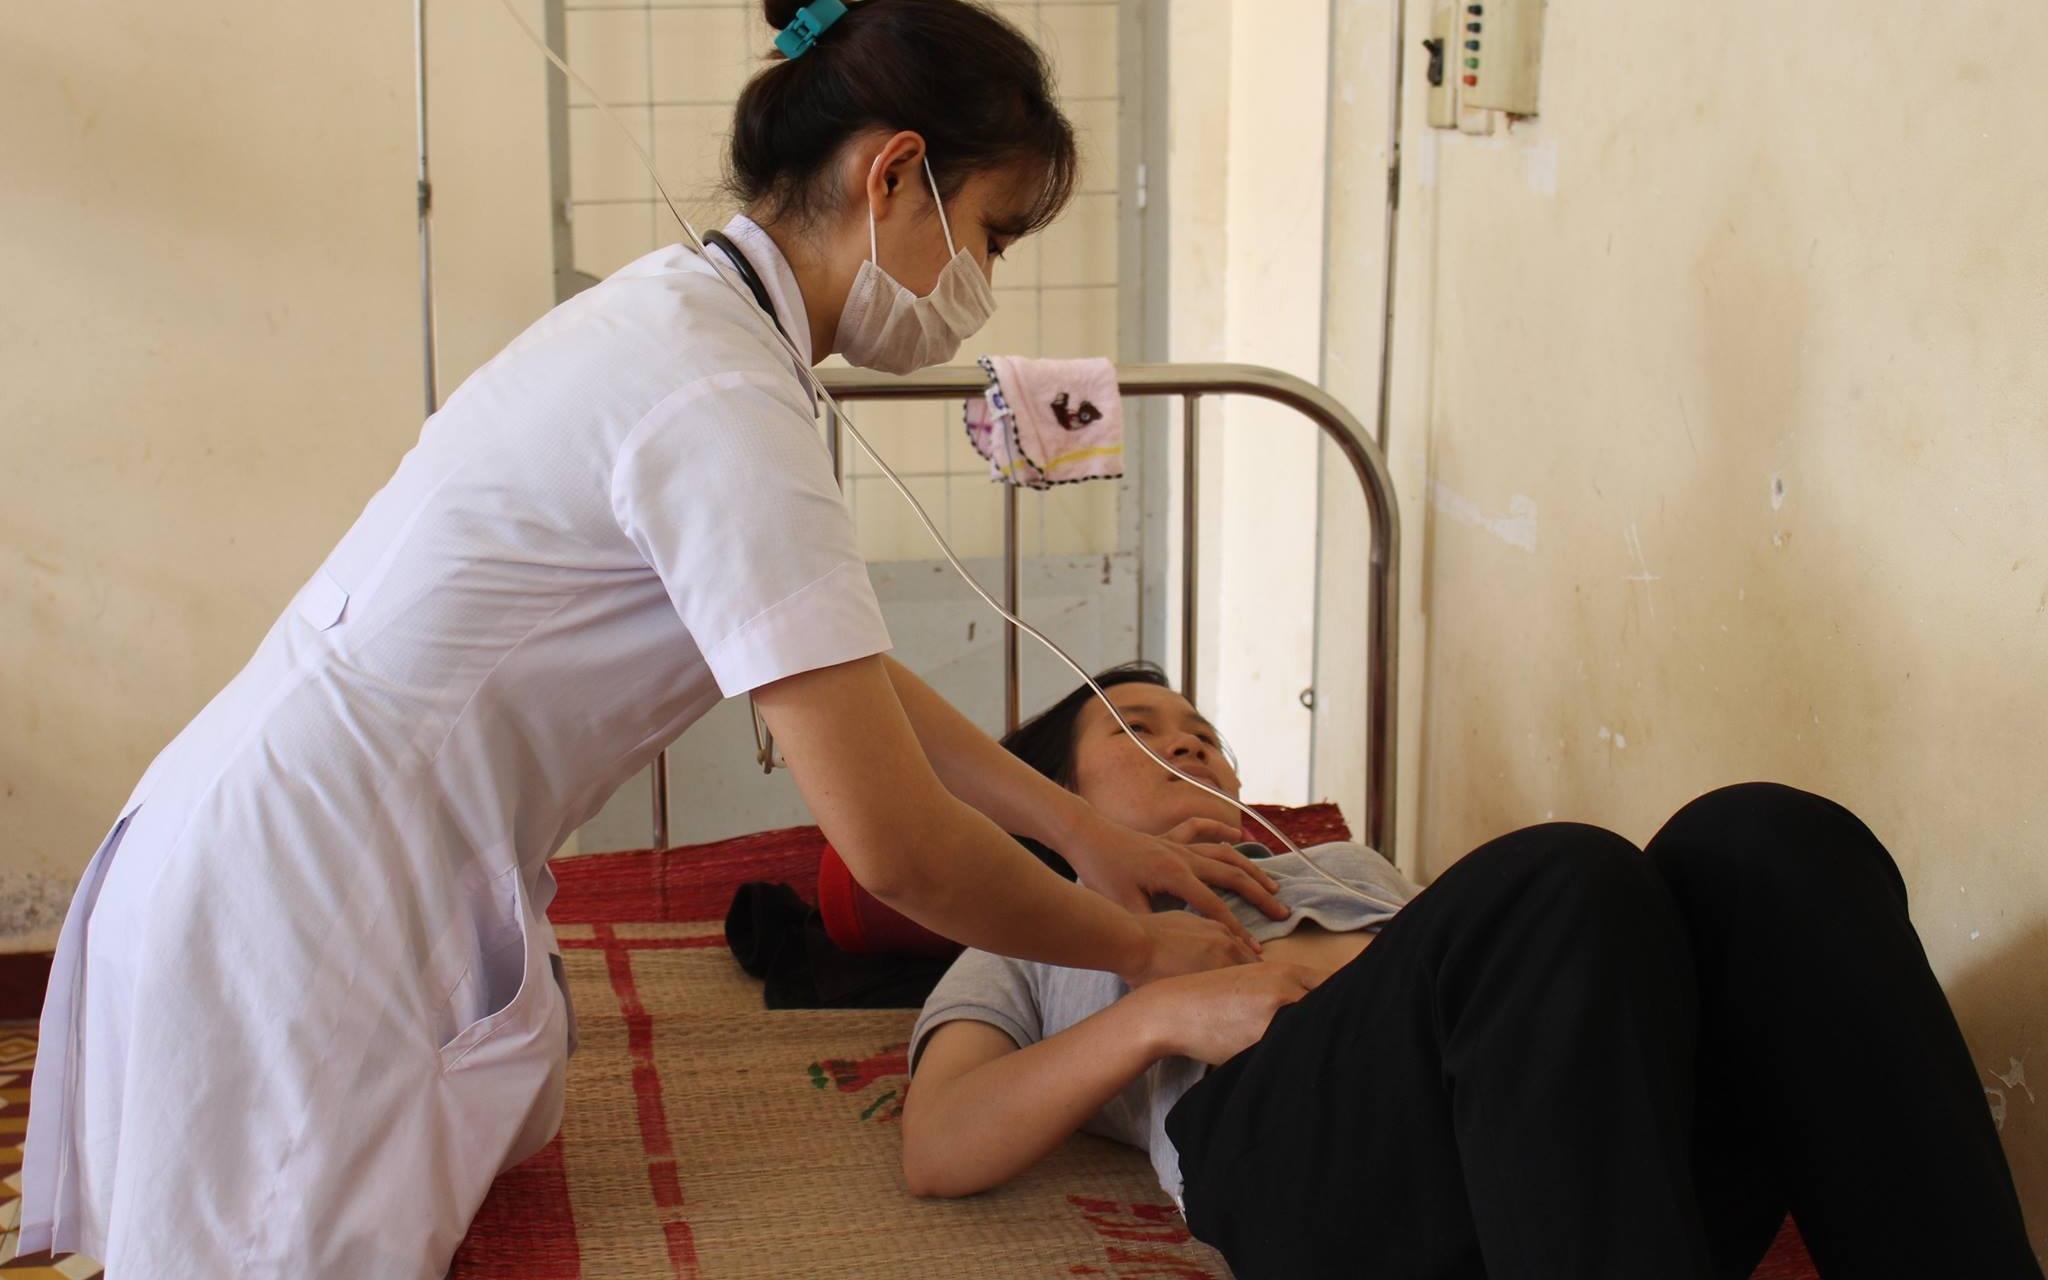 Dịch sốt xuất huyết diễn biến phức tạp: Một thiếu nữ ở Đắk Lắk đã tử vong Ảnh 2